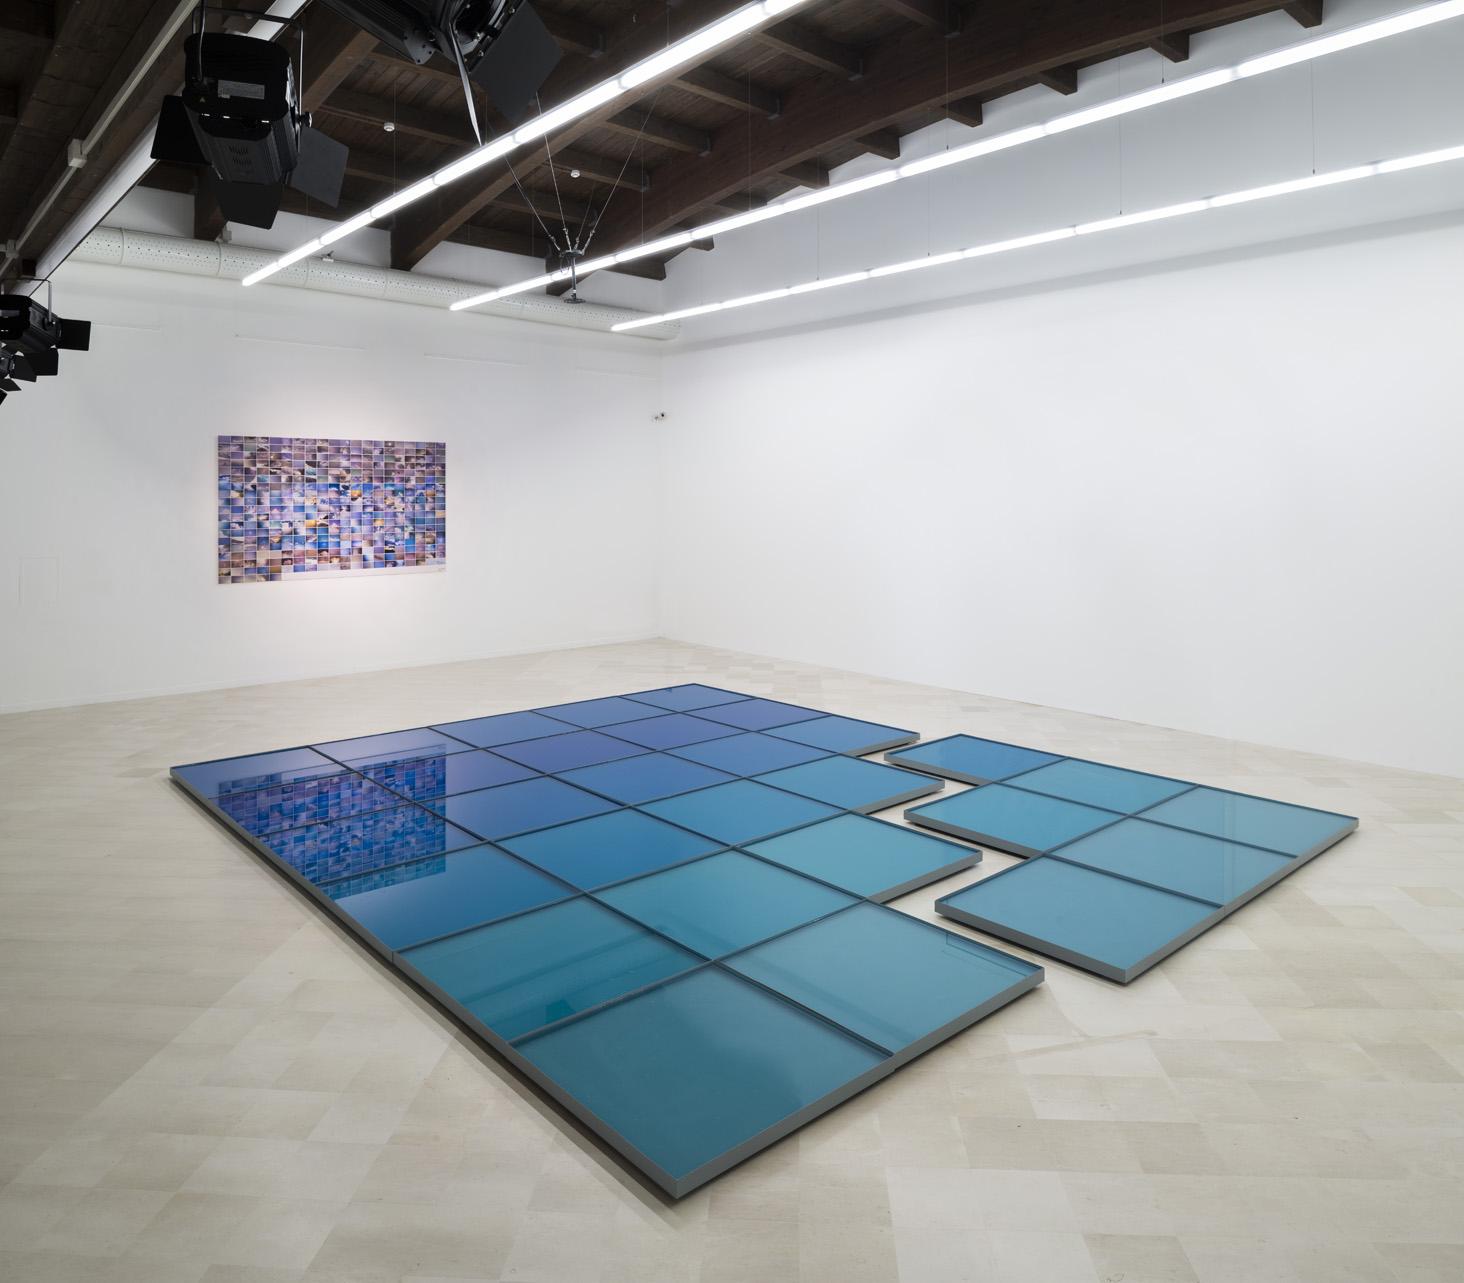 Veduta della mostra Pascali - Ghirri. Ph. Cosmo Laera, courtesy Fondazione Pino Pascali, Polignano a mare